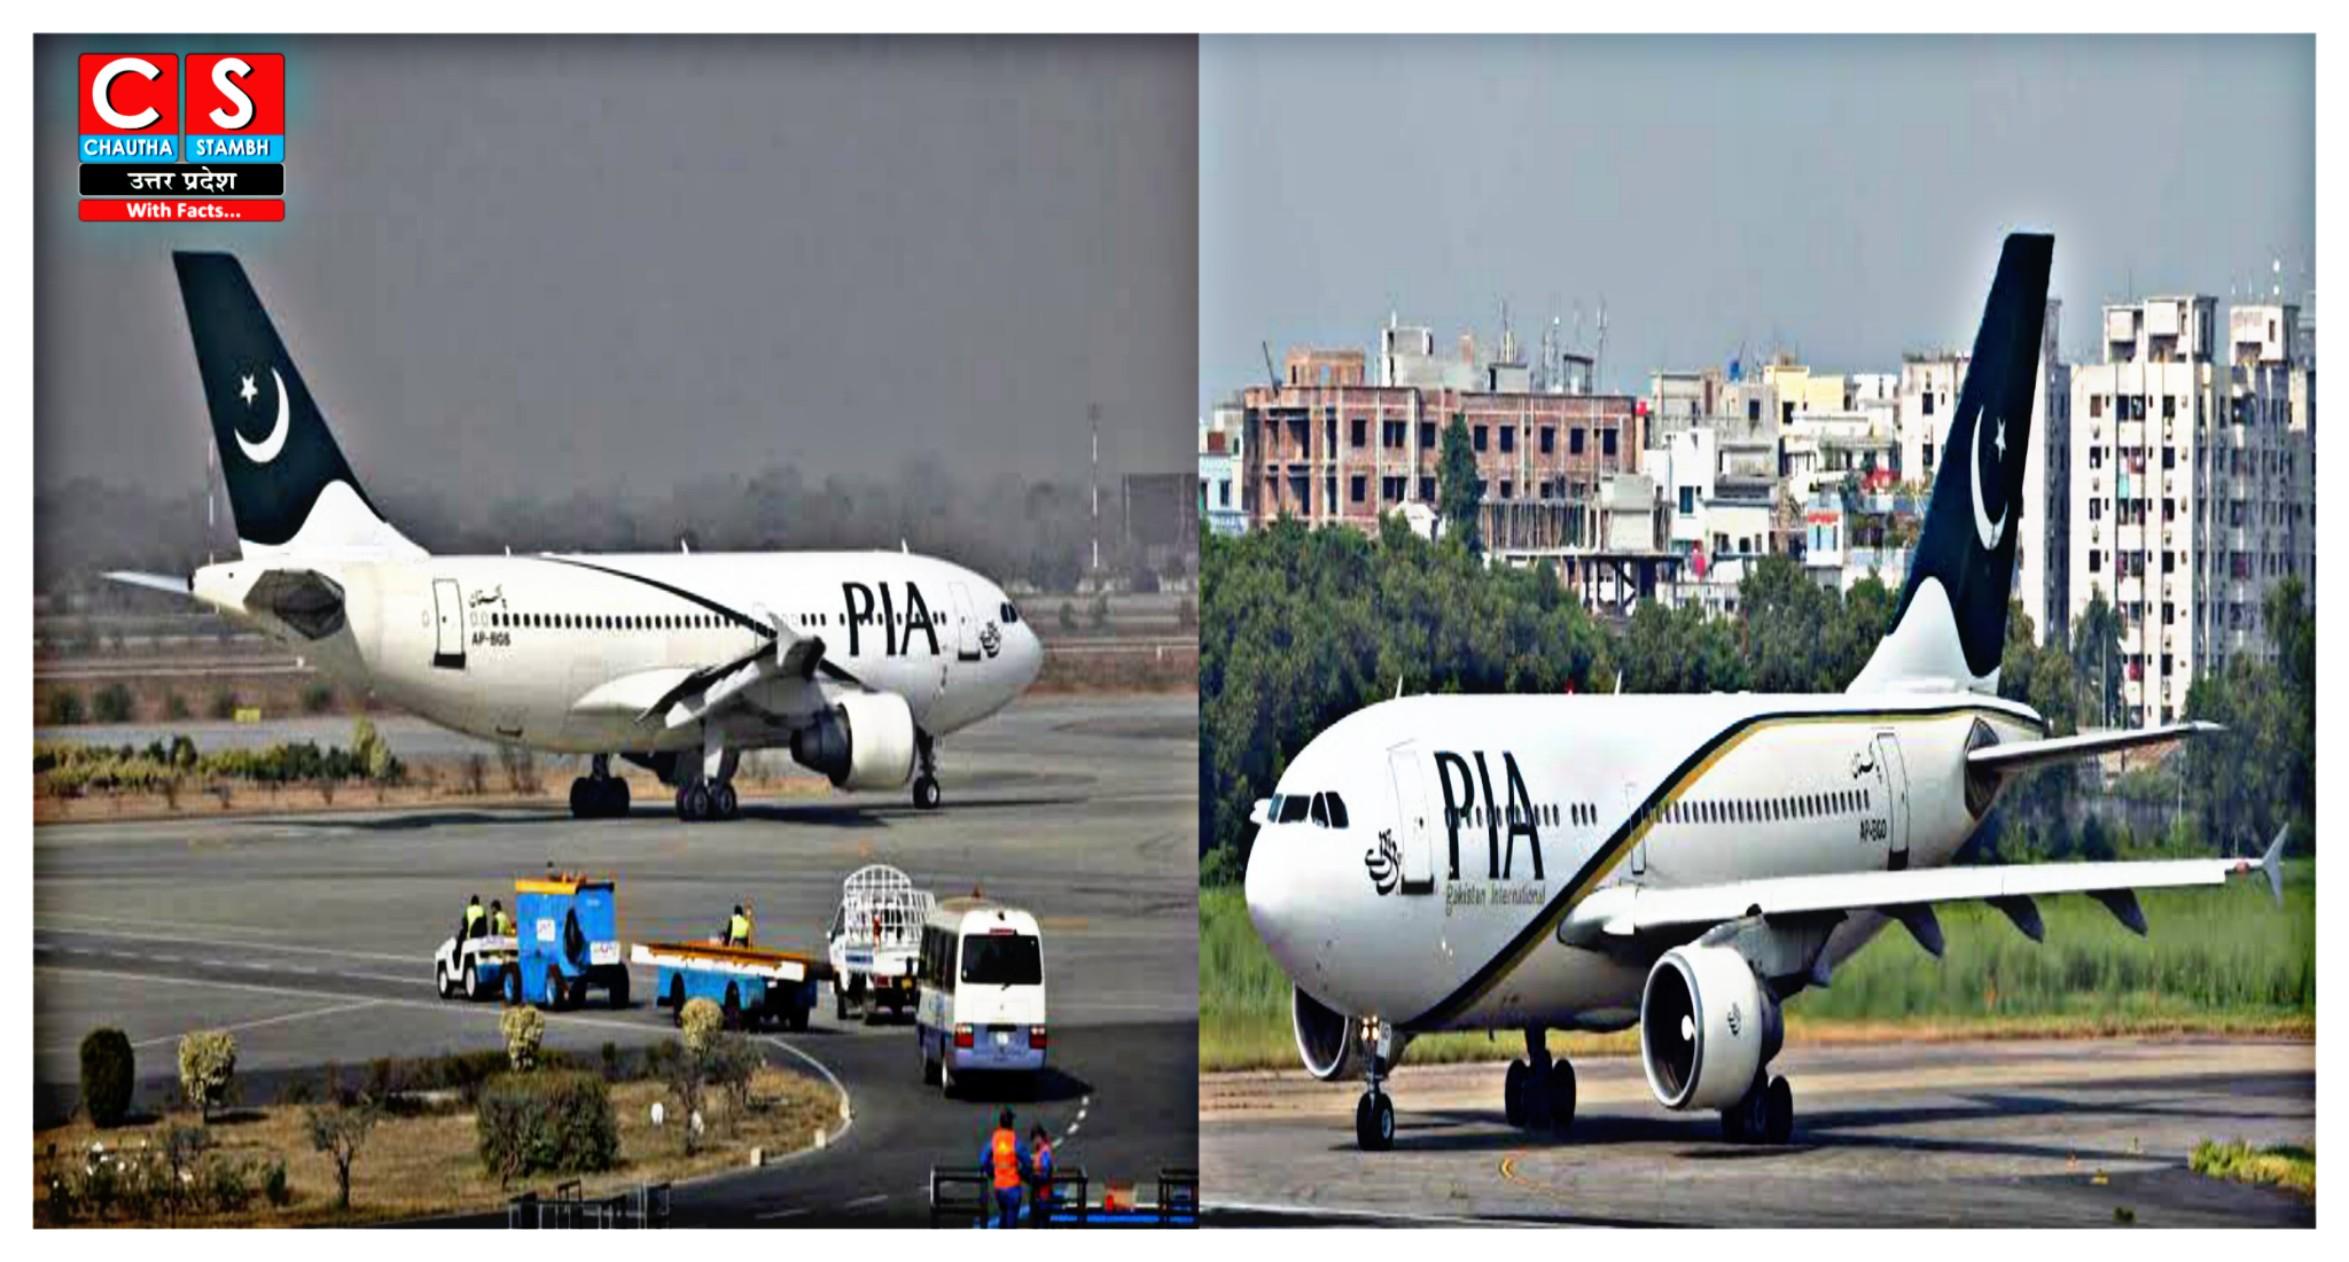 दुनिया में कर्ज को लेकर पाकिस्तान की हुई बेइज्जती, मलेशिया ने जब्त किया विमान